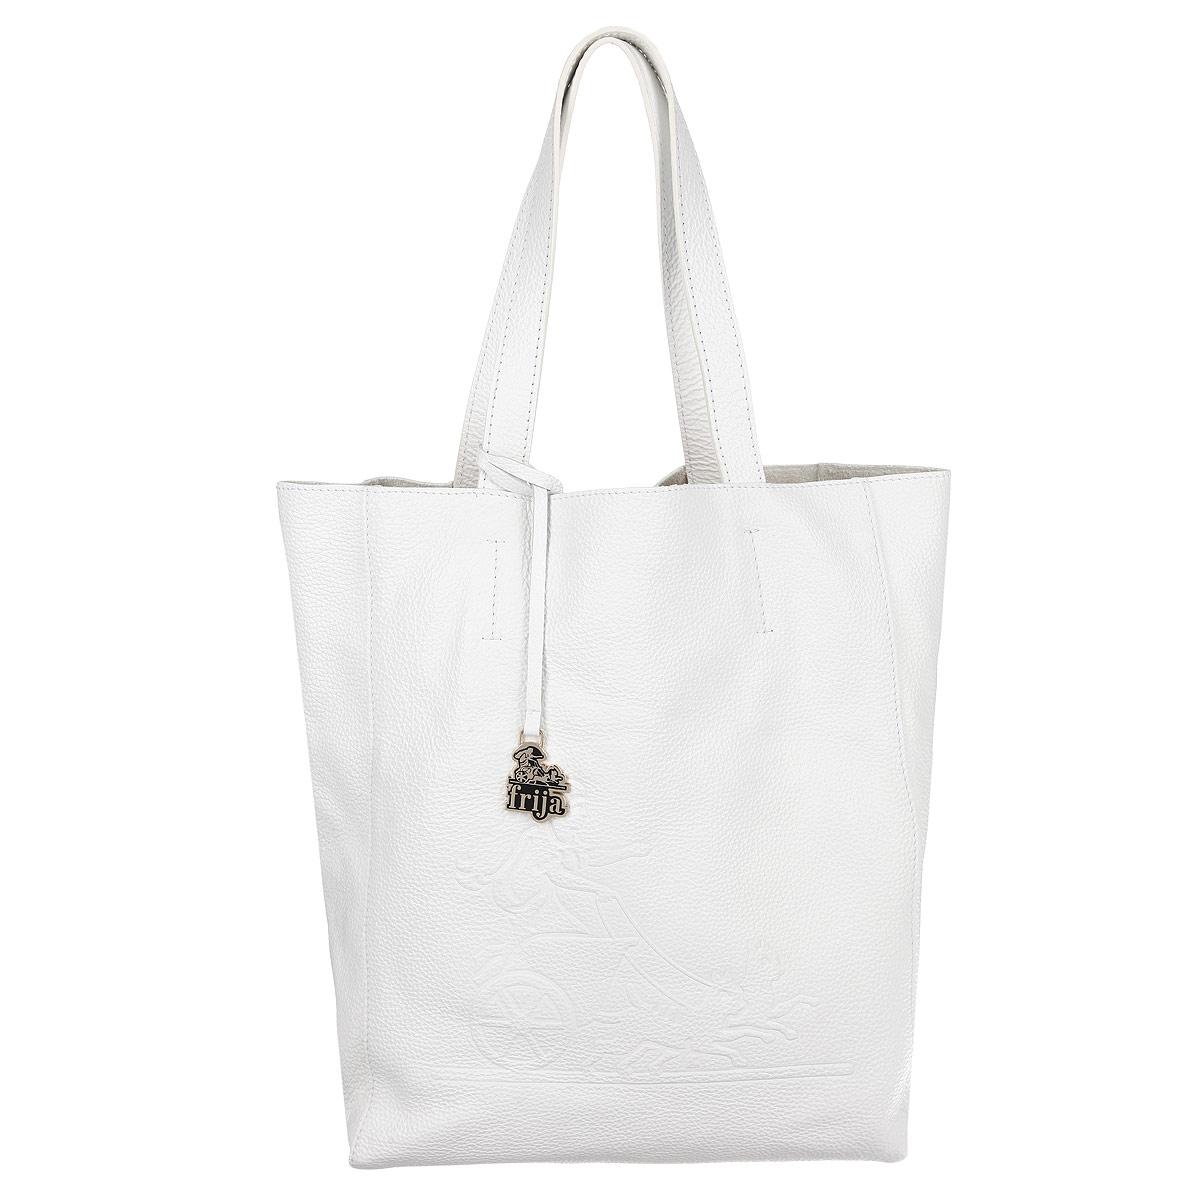 Сумка женская Frija, цвет: белый. 21-0200-1310931-1Стильная и удобная женская сумка Frija выполнена из мягкой натуральной кожи с фактурной поверхностью. Лицевая сторона изделия оформлена оригинальным тиснением в виде логотипа бренда. Сумка имеет одно вместительное отделение, дополненное накладным карманом на застежке-молнии. Изюминка модели - текстильный вкладыш в главном отделении, который крепится к корпусу сумки при помощи кнопок, закрывается на удобную застежку-молнию. Внутри вкладыша - врезной карман на застежке-молнии.Сумка оснащена двумя удобными ручками, позволяющими носить её на плече.Изделие упаковано в фирменный чехол. Сумка Frija - это стильный аксессуар, который подчеркнет вашу изысканность и индивидуальность и сделает ваш образ завершенным.